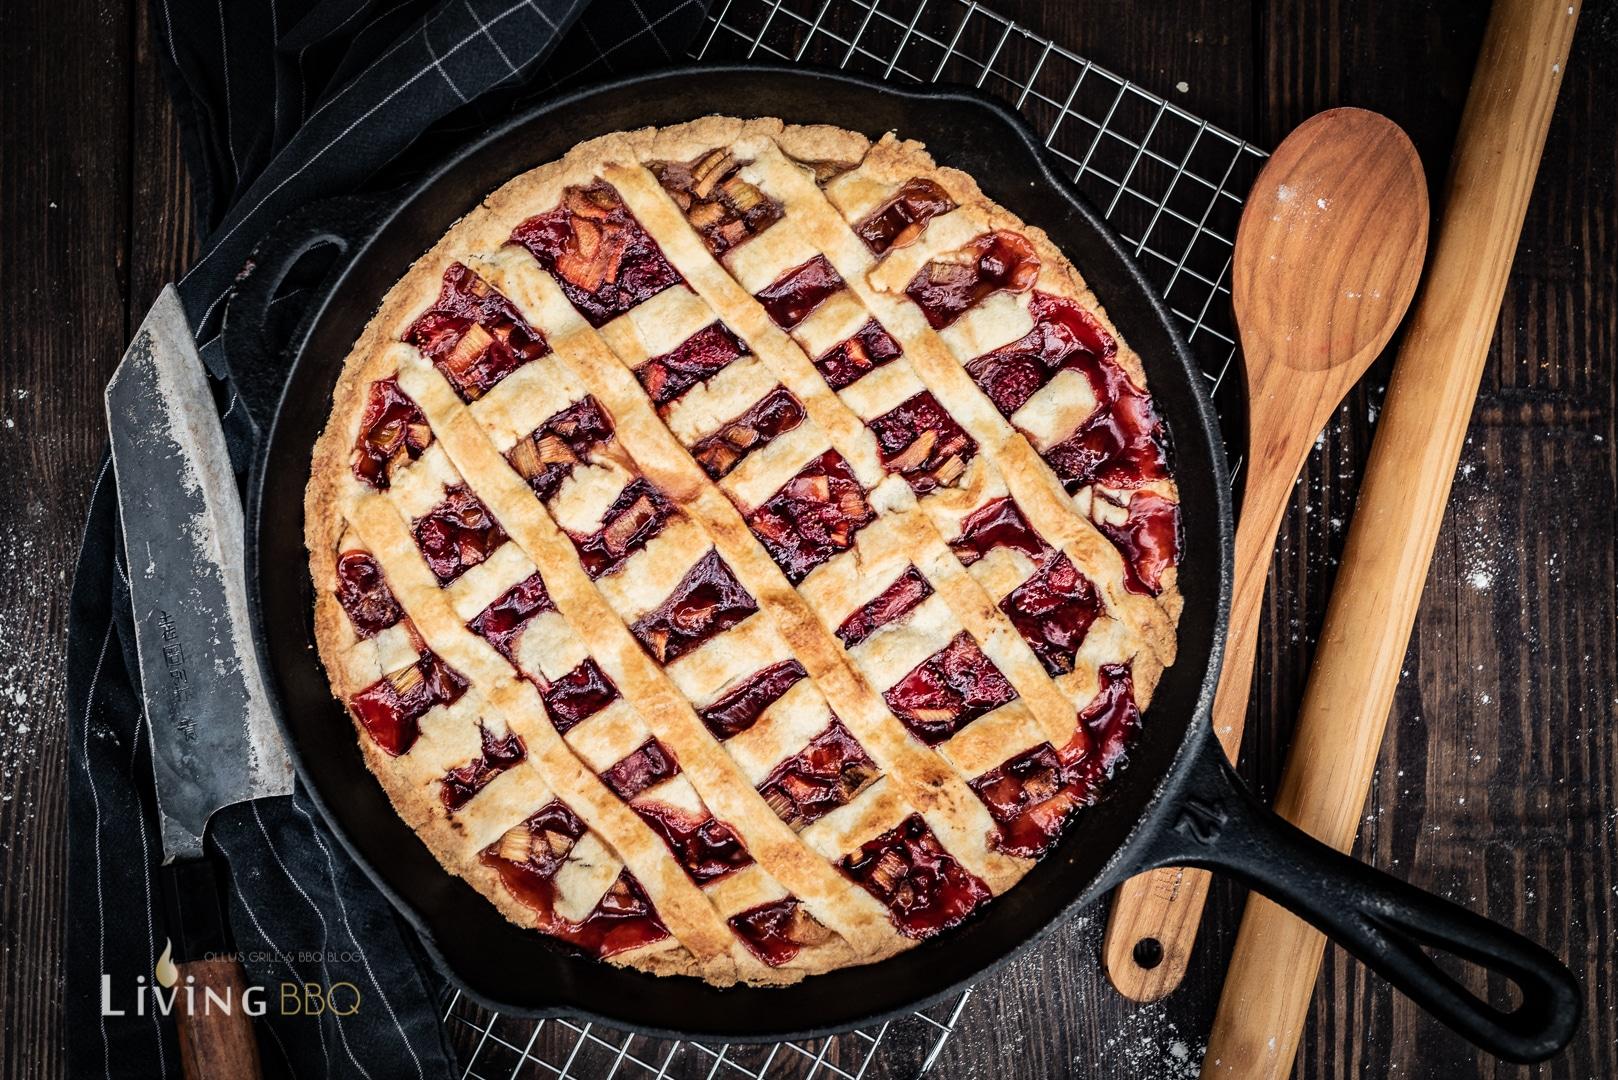 Erdbeer Rabarber Pie aus der Gusspfanne